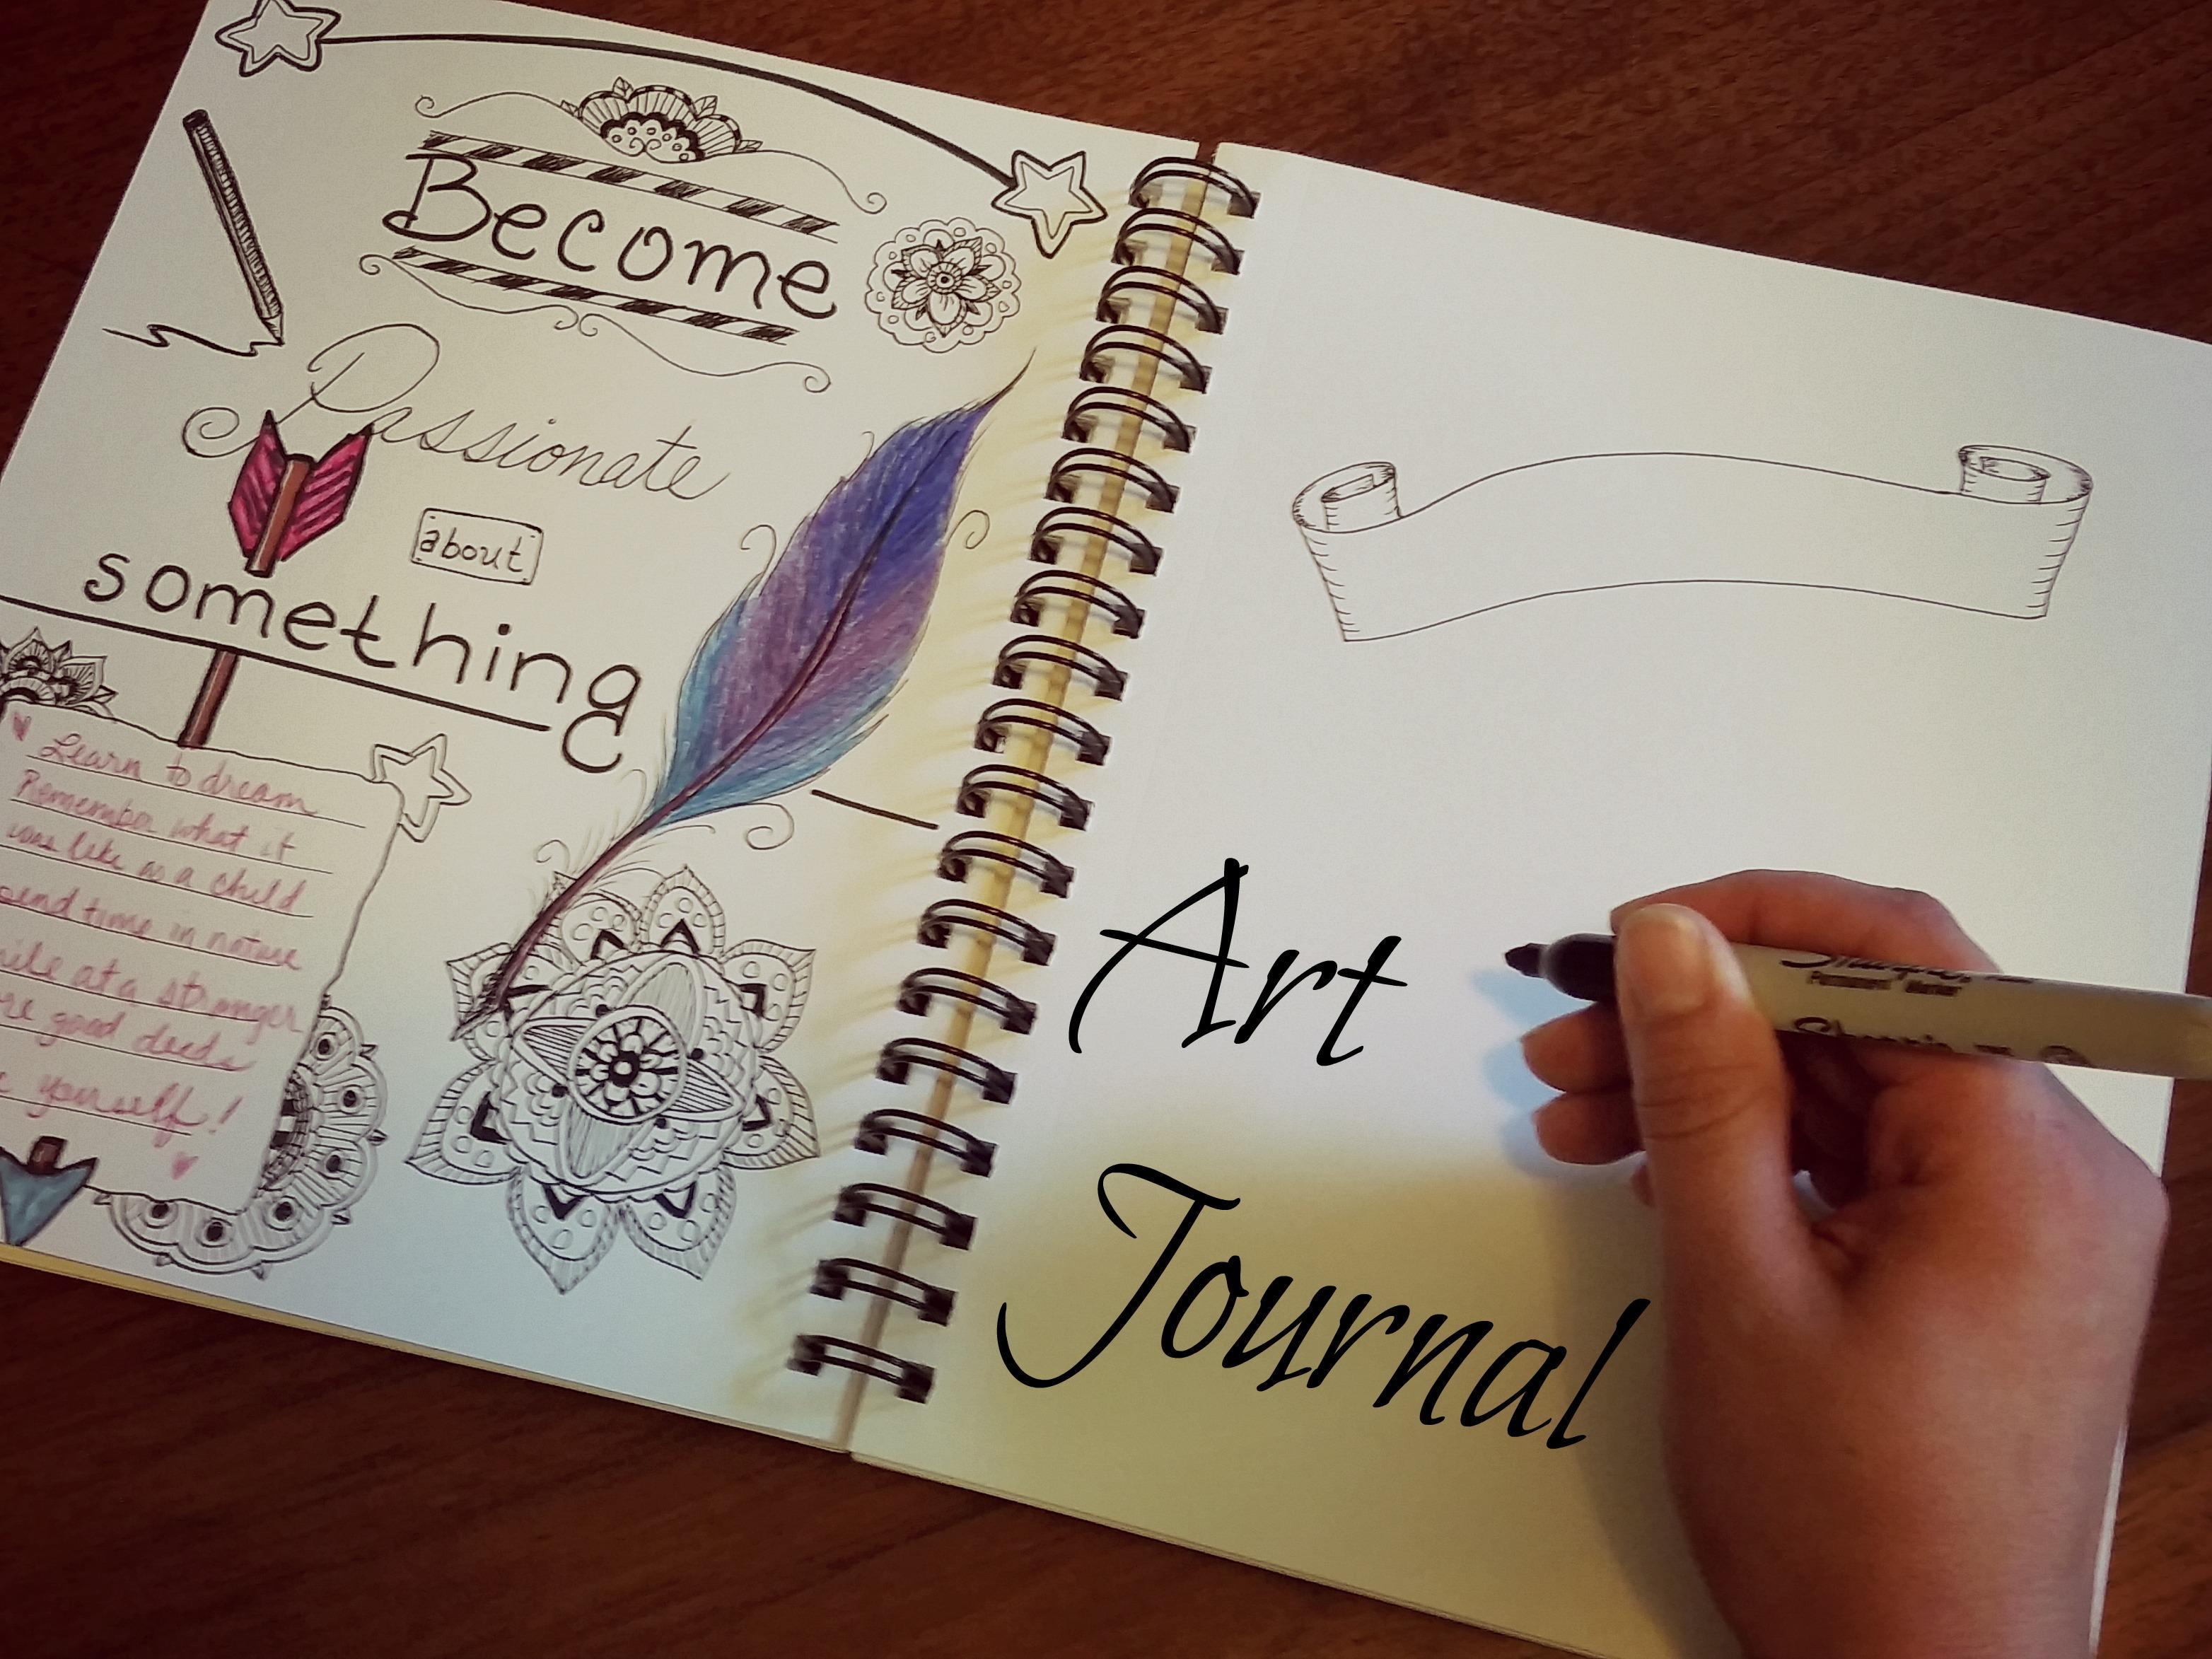 Classroom Design Journal Articles ~ Art journal supply guide